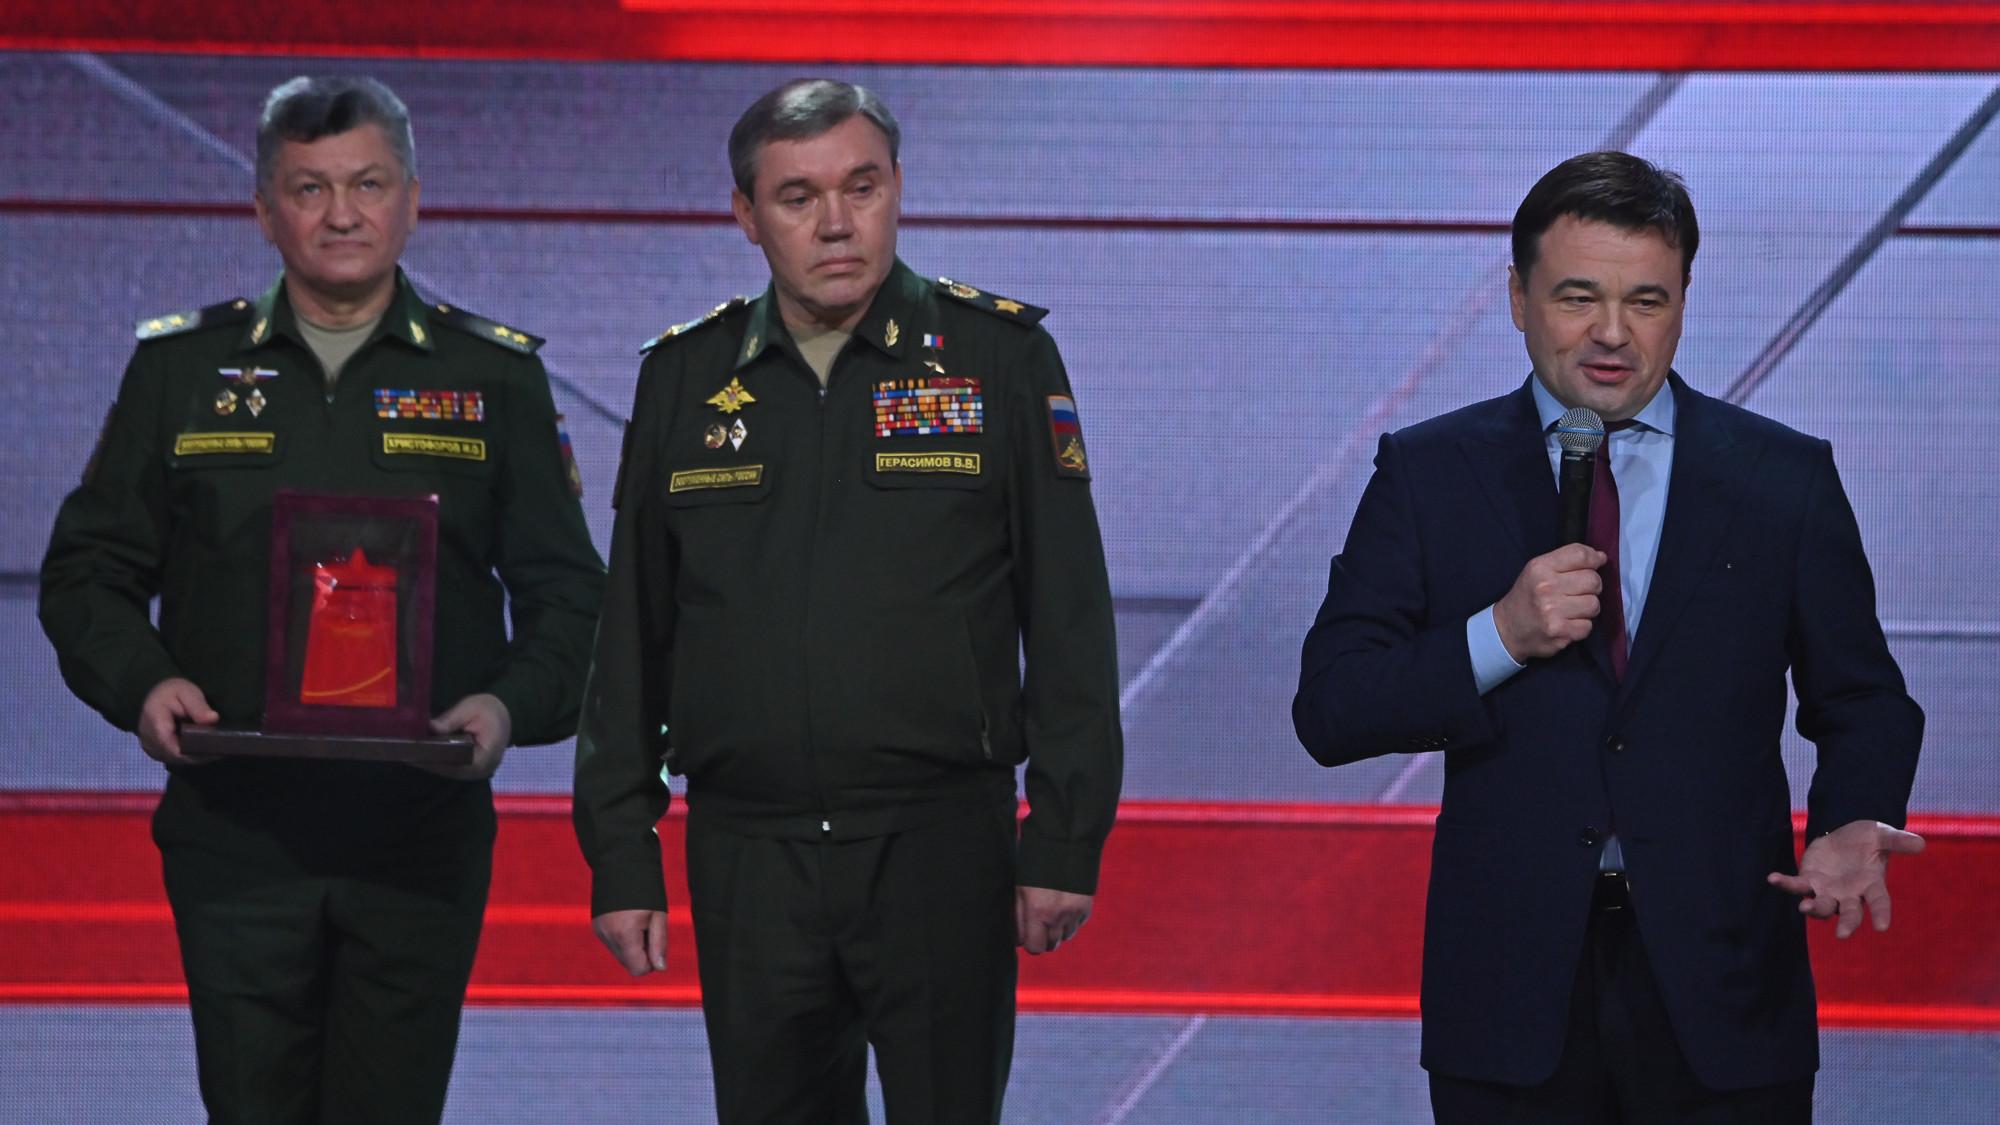 Губернатор принял участие в церемонии чествования победителей фестиваля «Армия России-2020»